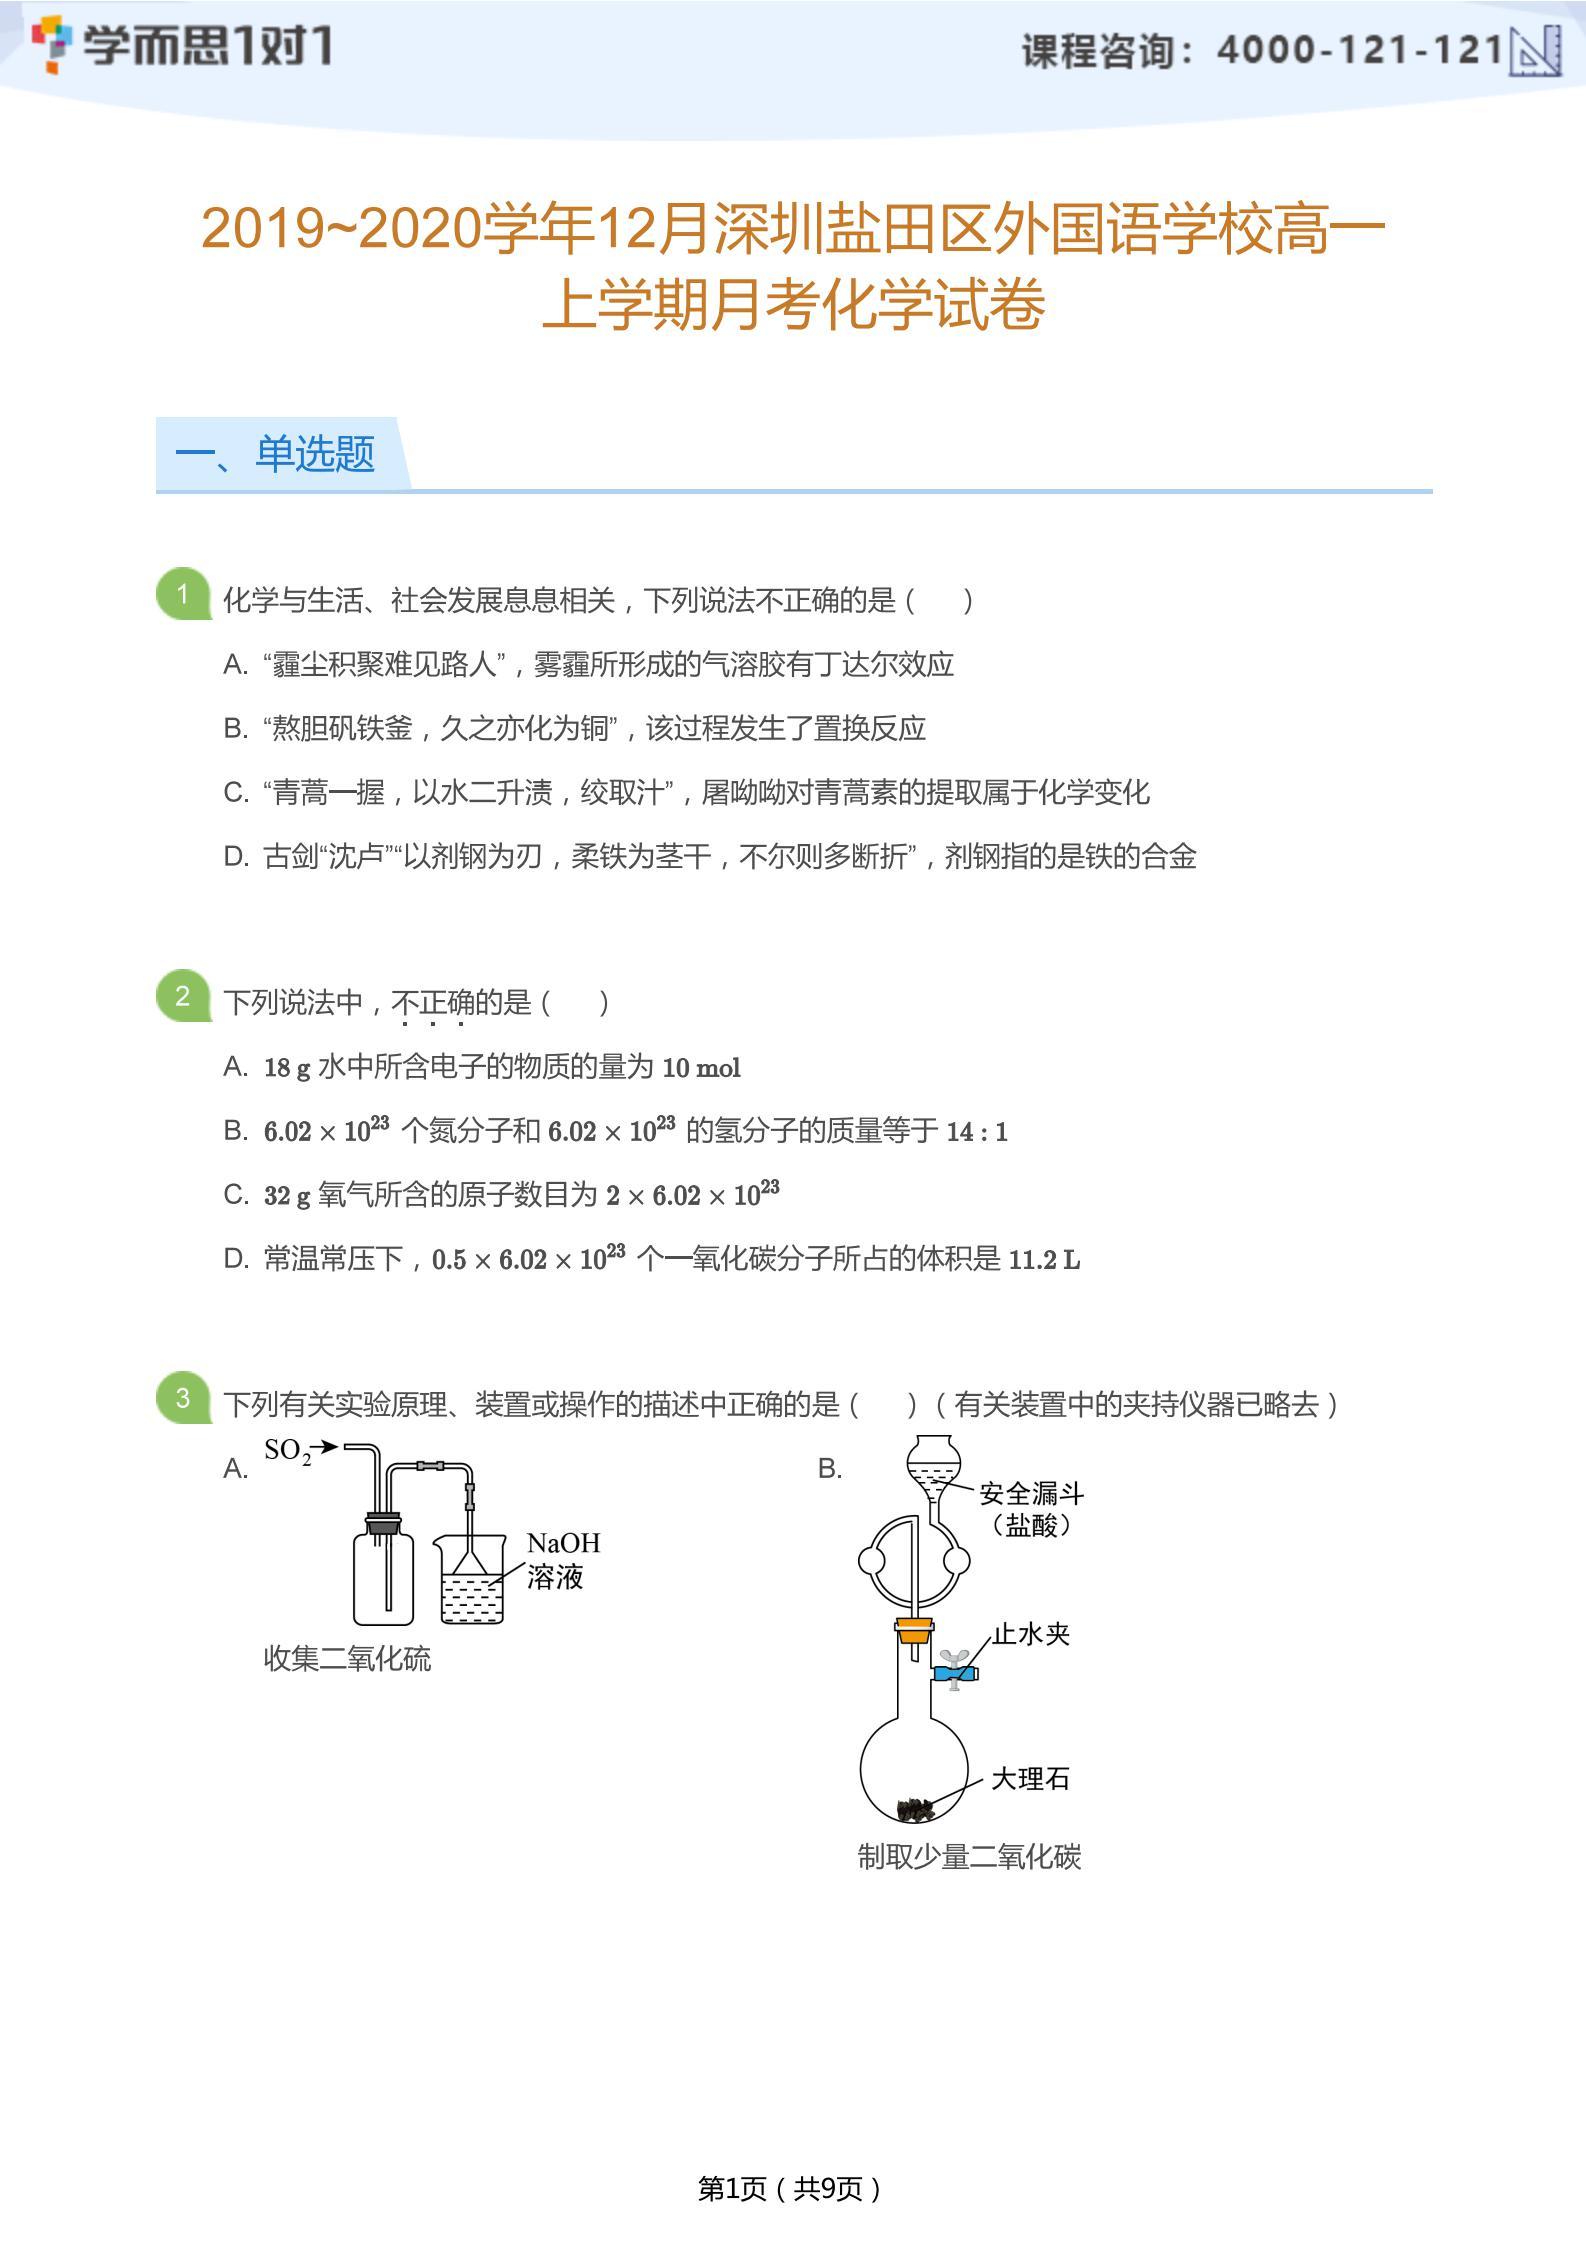 2019-2020学年12月深圳盐田外国语学校高一上月考化学试卷及答案